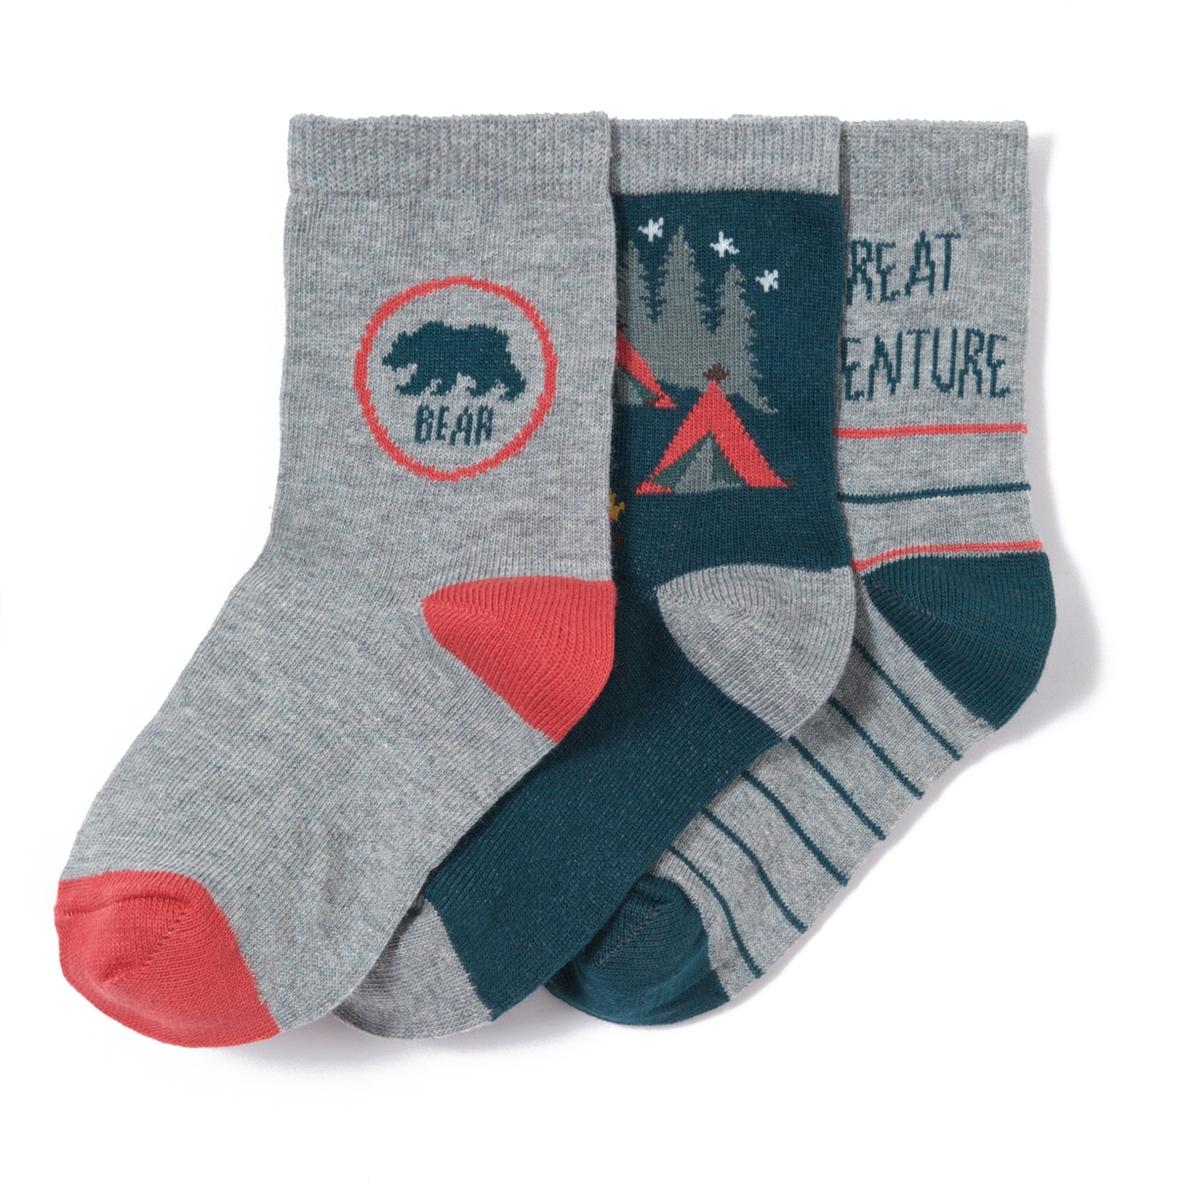 3 пары носков с приключенческой тематикой